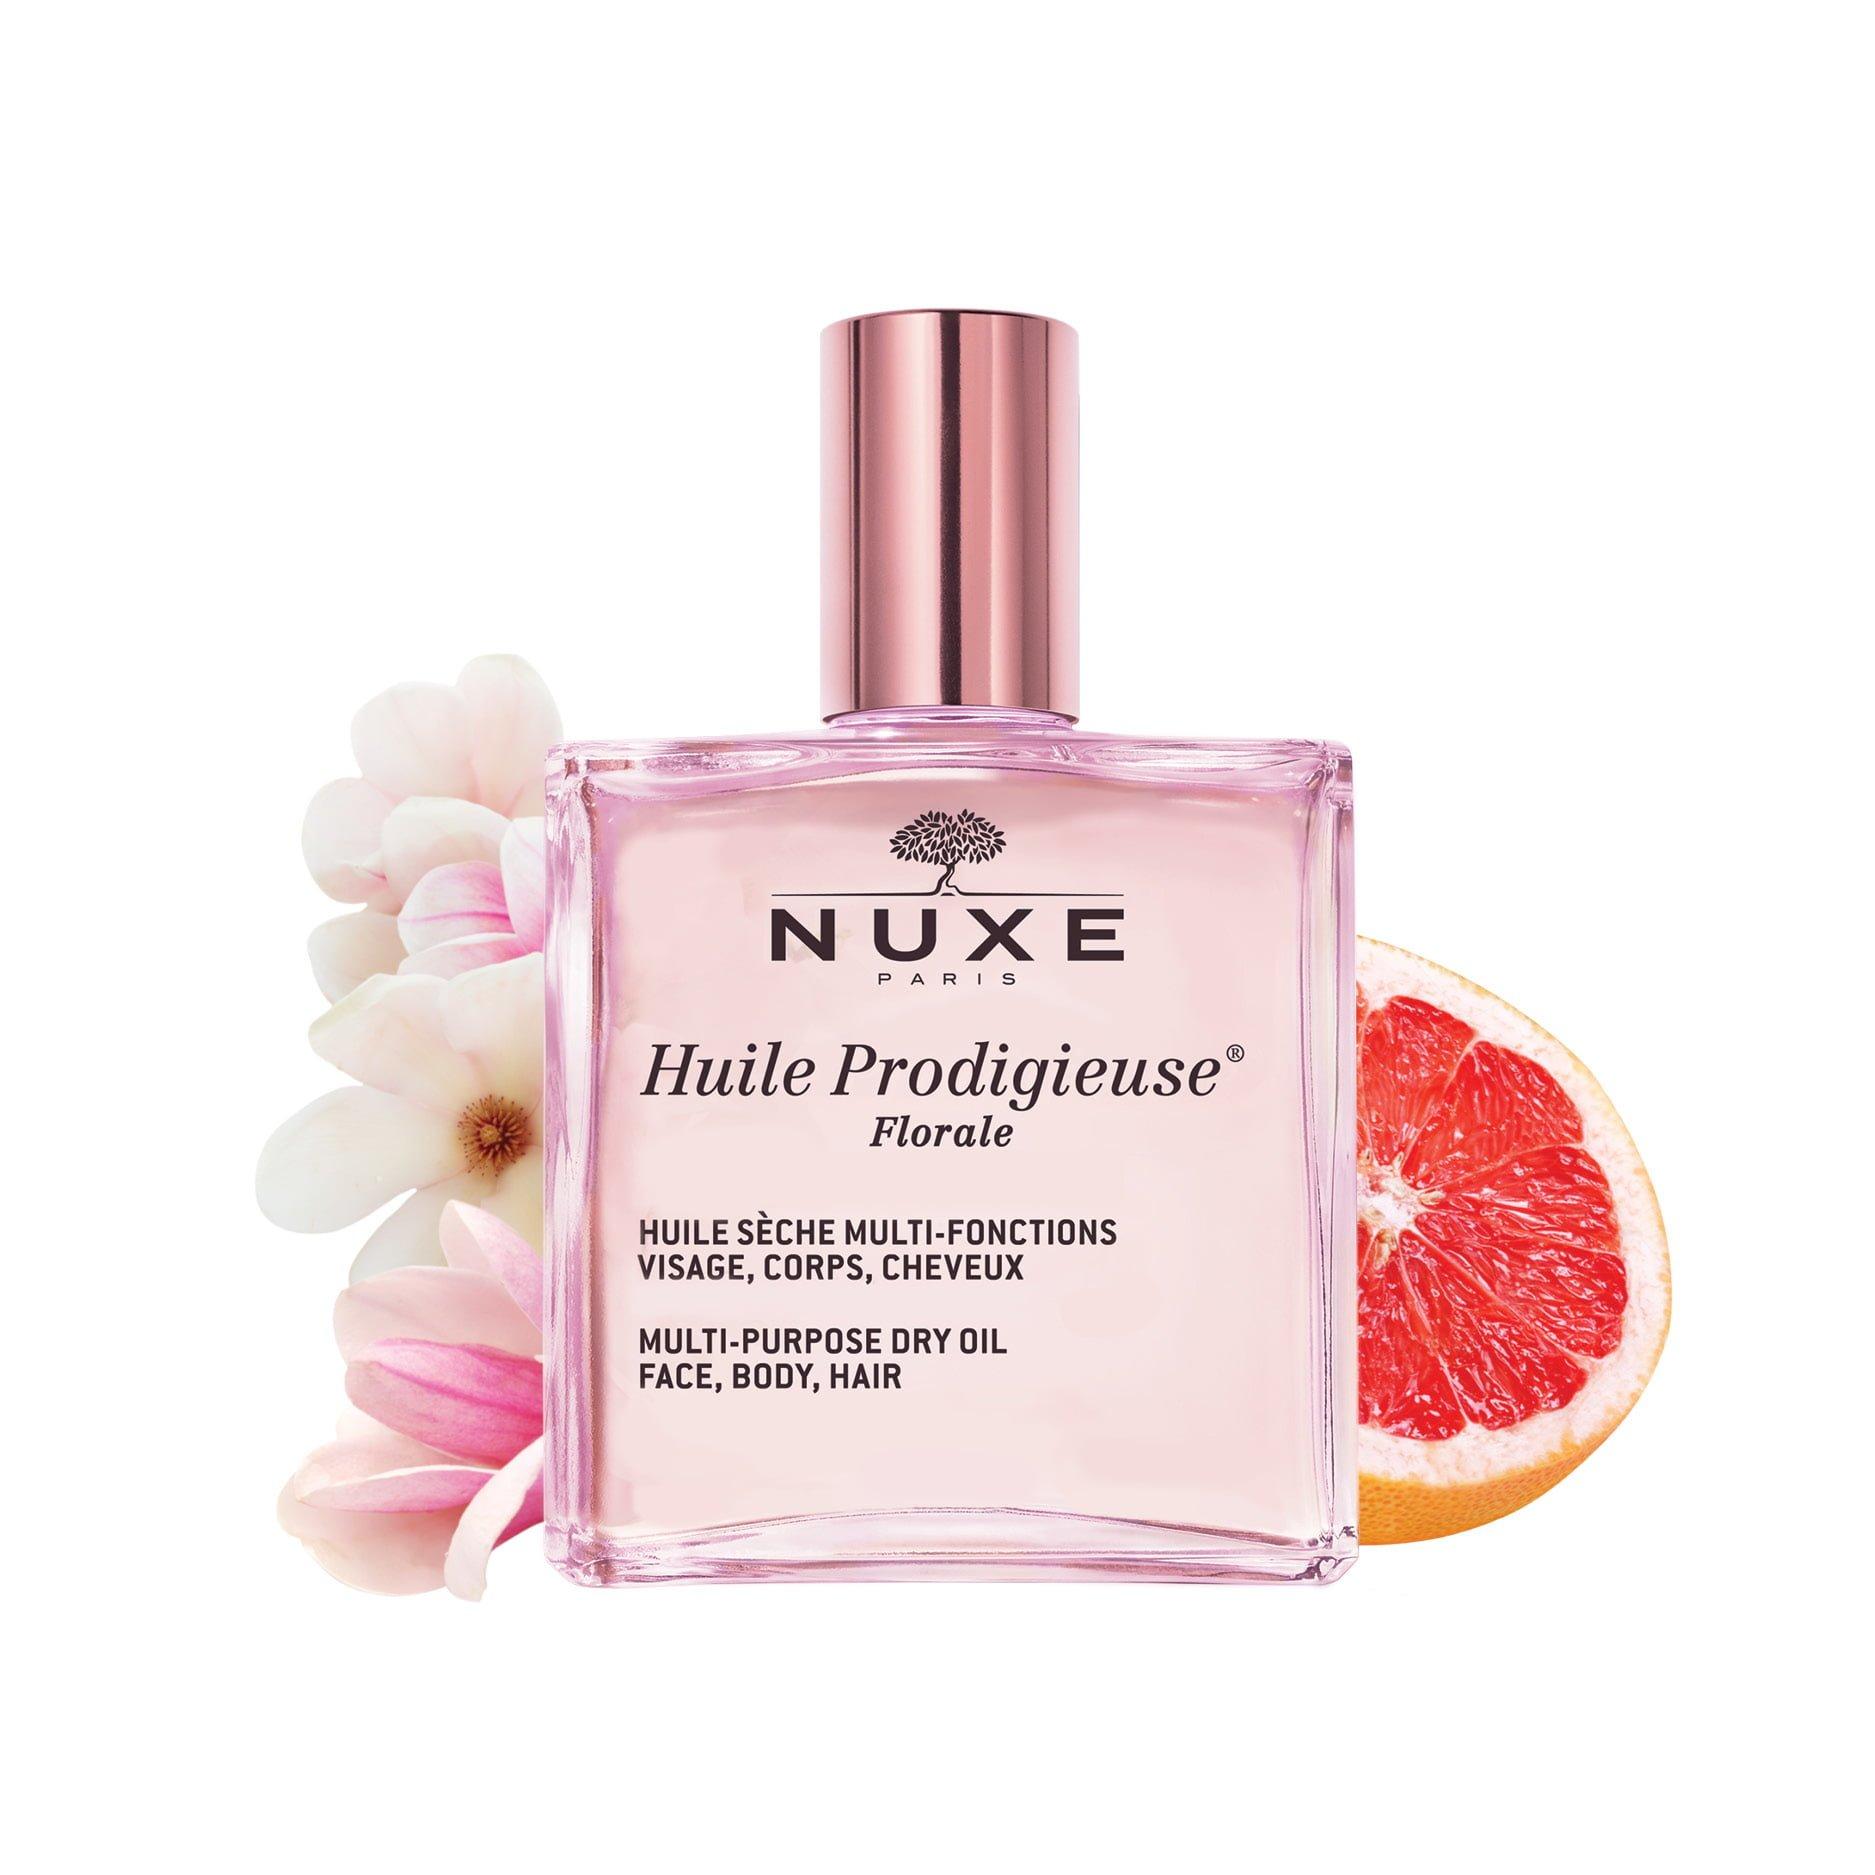 Nuxe ima novo izdanje kultnog ulja kojim slavi romantičnu ženstvenost